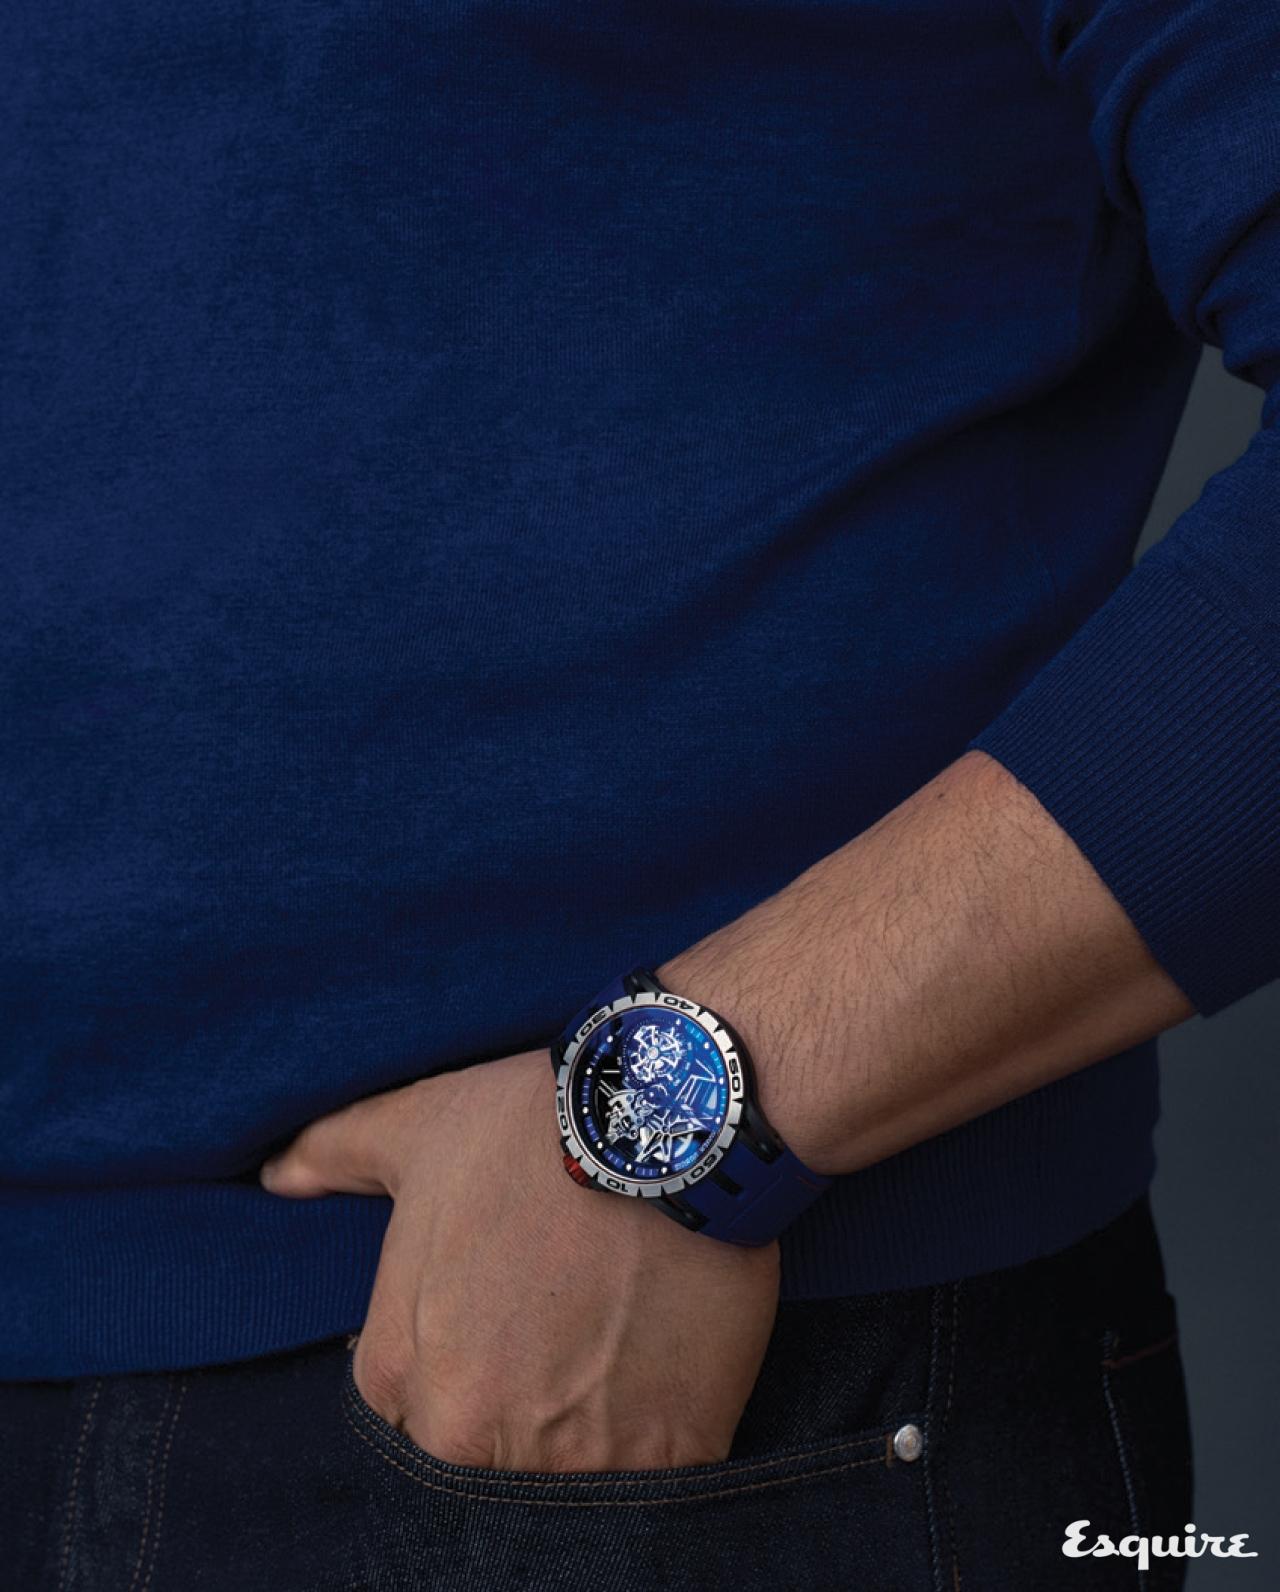 티타늄 케이스에 추신수의 색을 입힌 시계 로저드뷔 엑스칼리버 스파이더 스켈레톤 플라잉 투르비용 추신수 에디션.